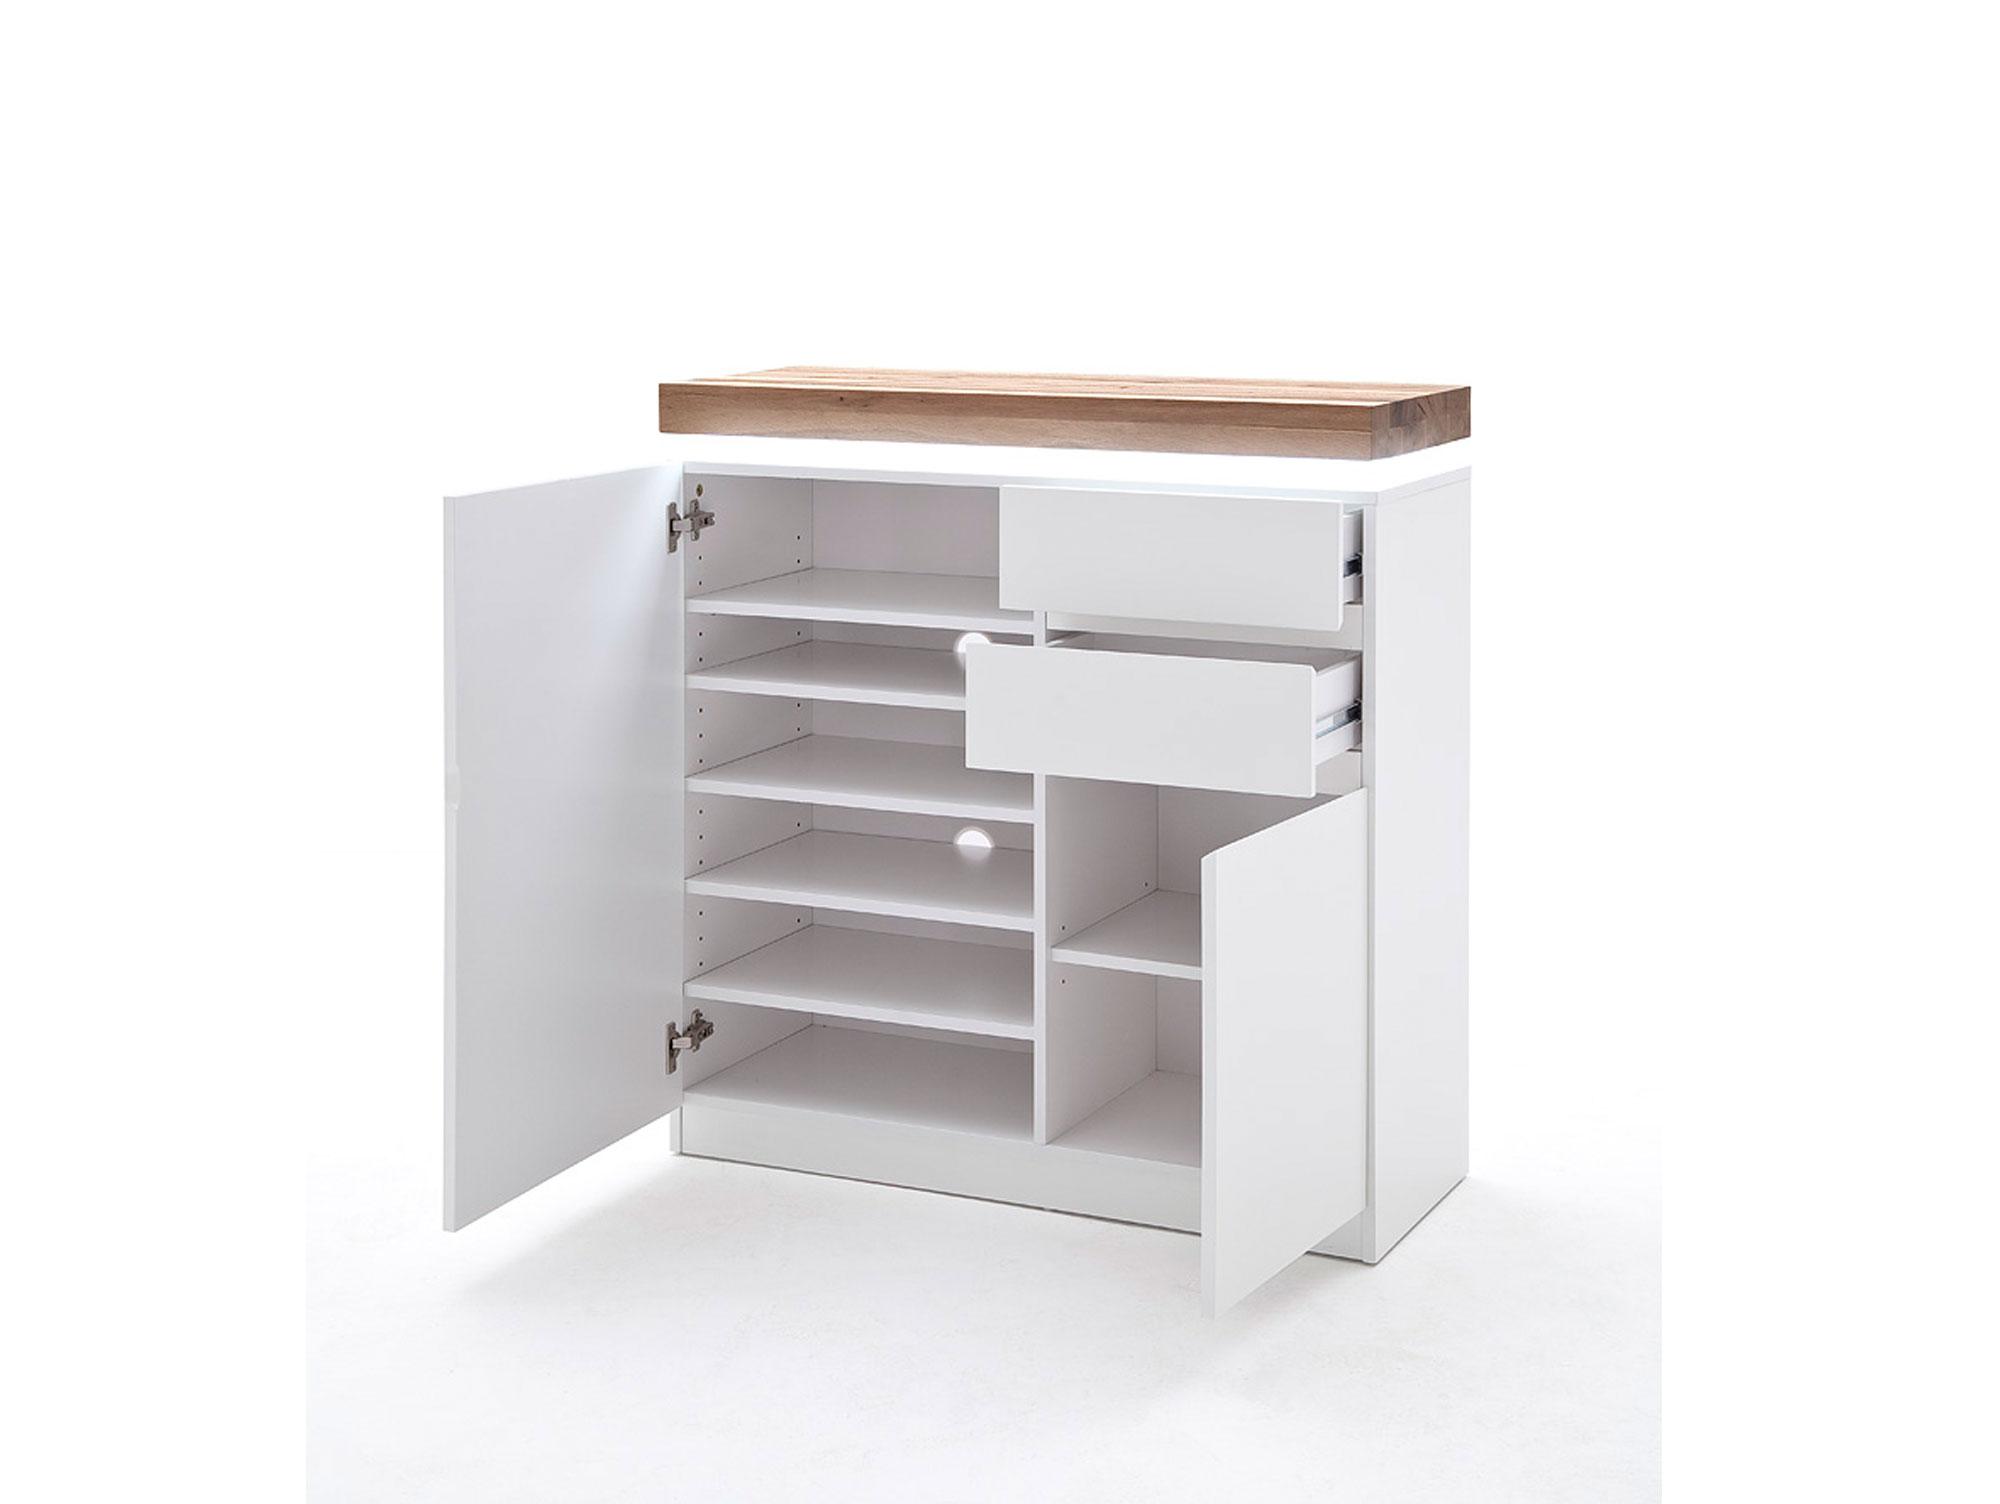 mina schuhschrank wei asteiche. Black Bedroom Furniture Sets. Home Design Ideas